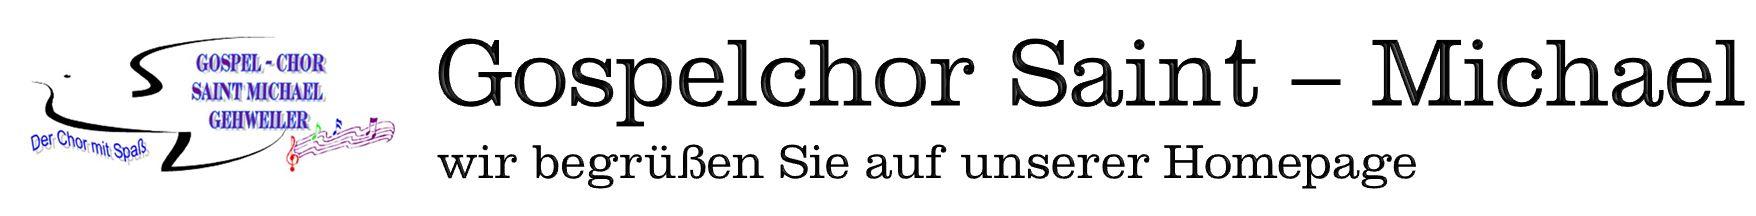 Gospelchor-Saint-Michael.com